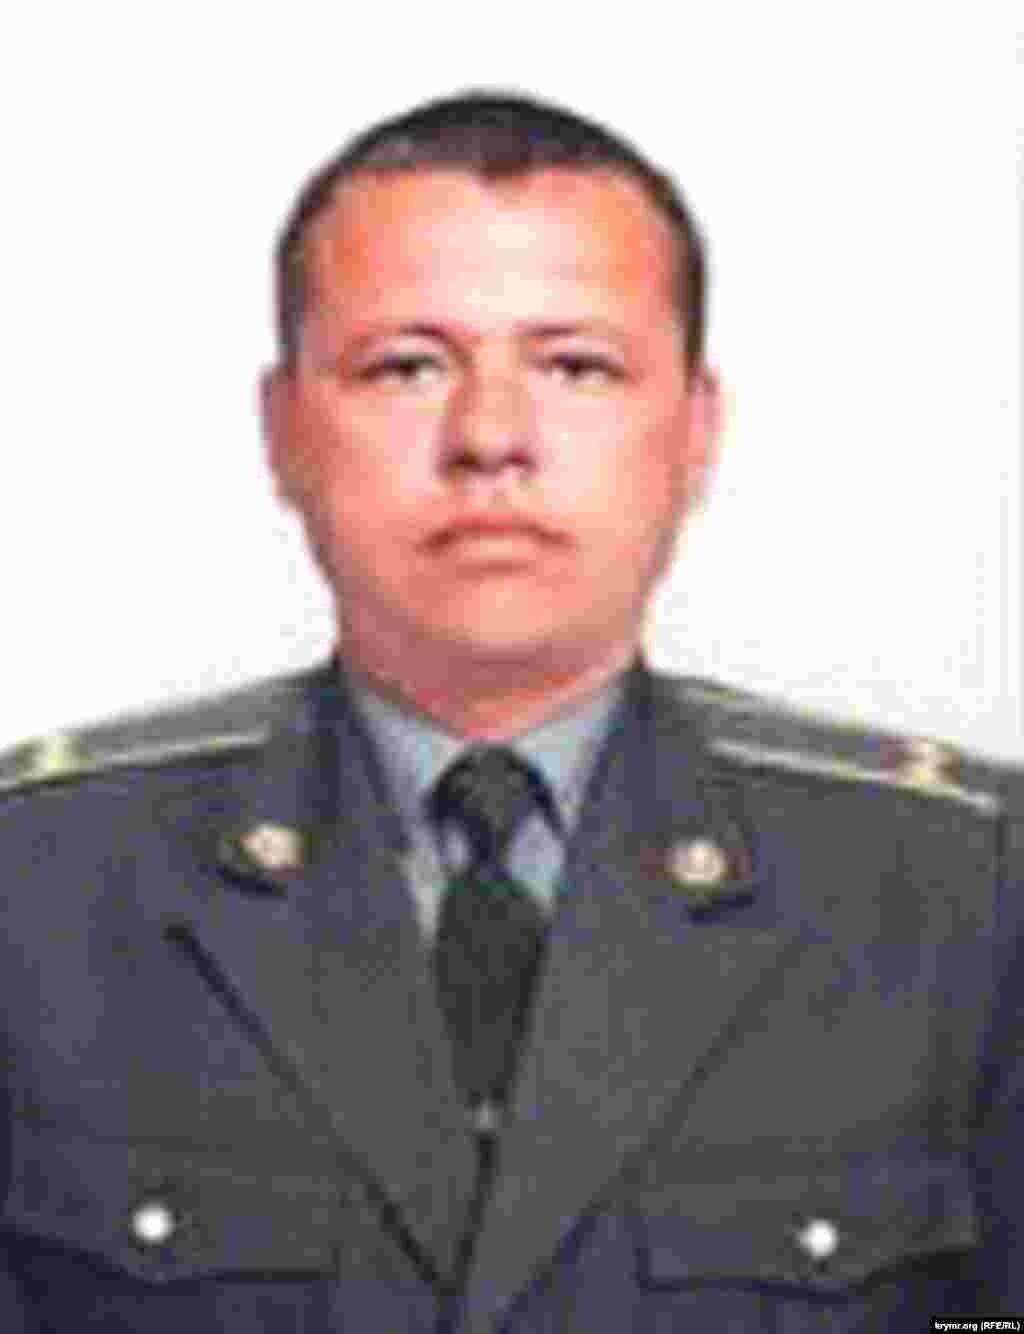 Виталий Тихонов, бывший старший оперуполномоченный по особо важным объектам отдела военной контрразведки управления СБУ в Севастополе, подполковник